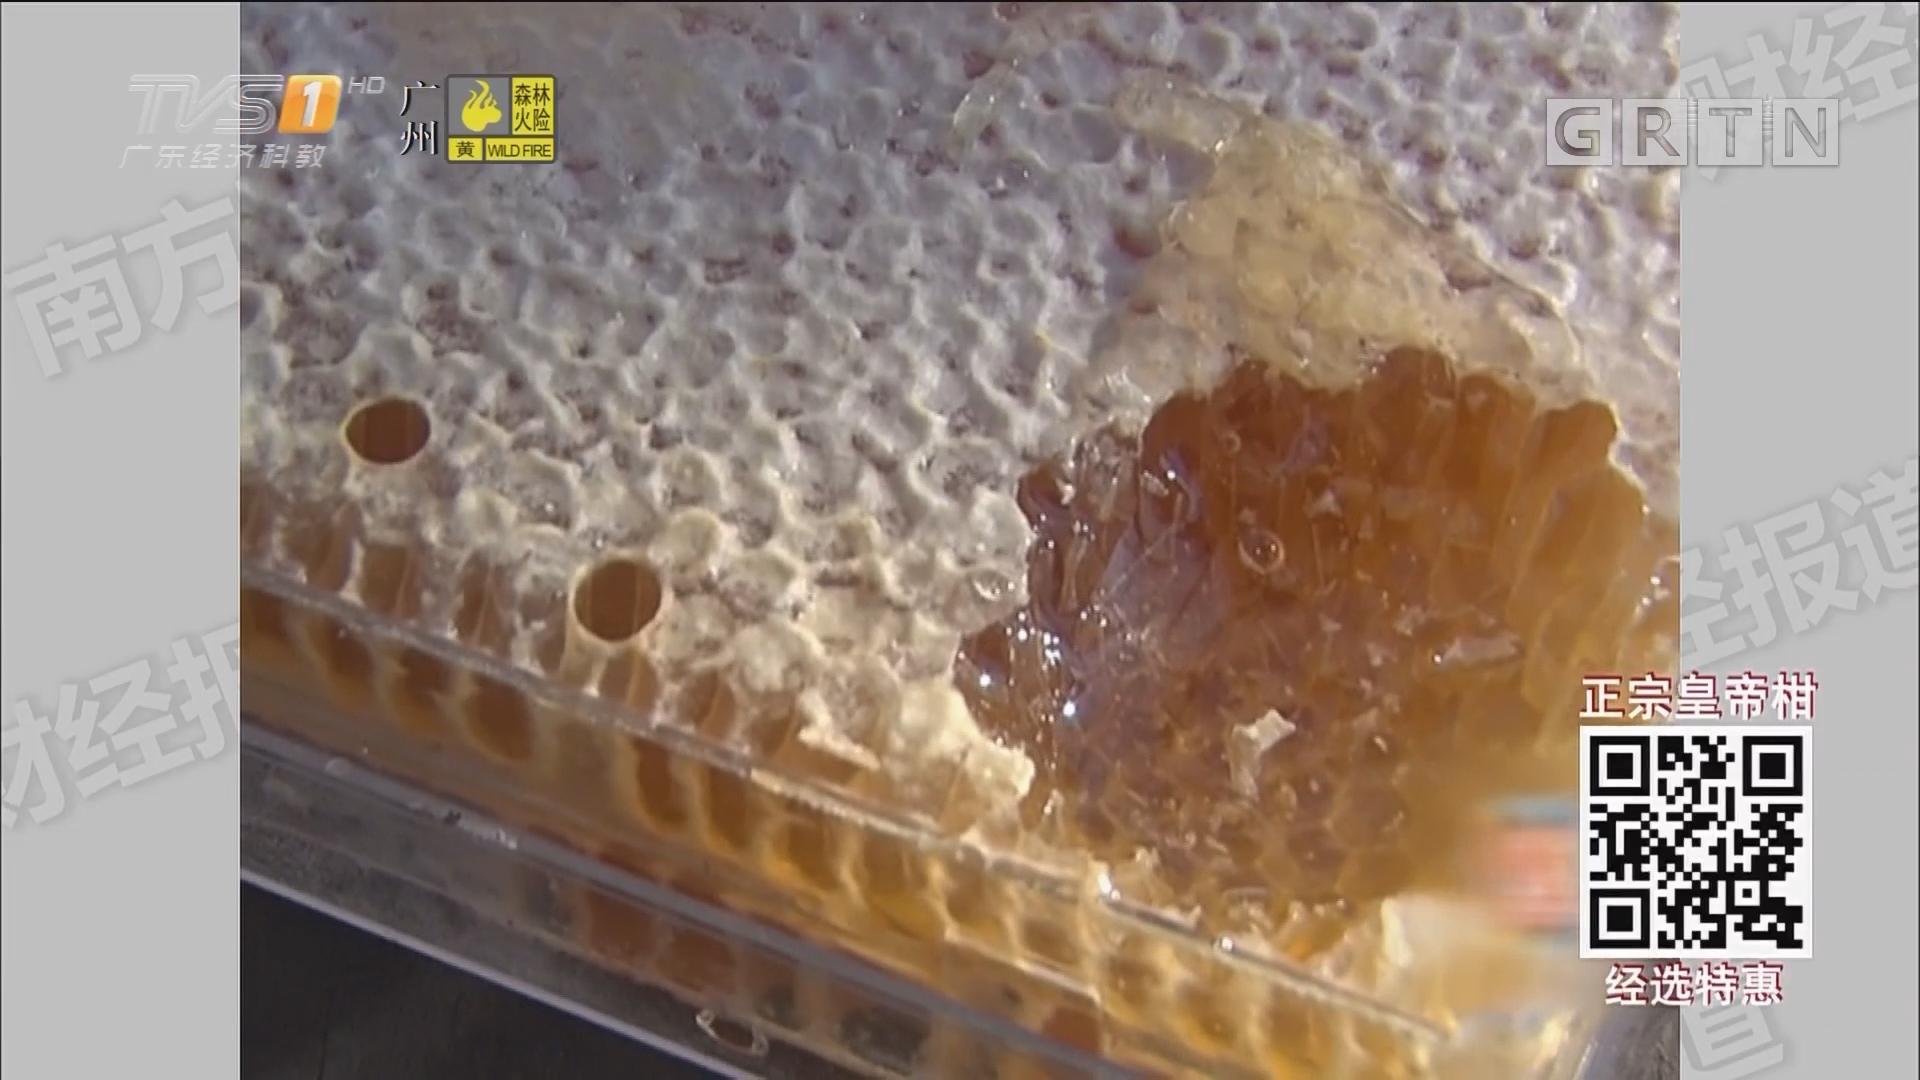 蜂蜜消炎 是真的吗?